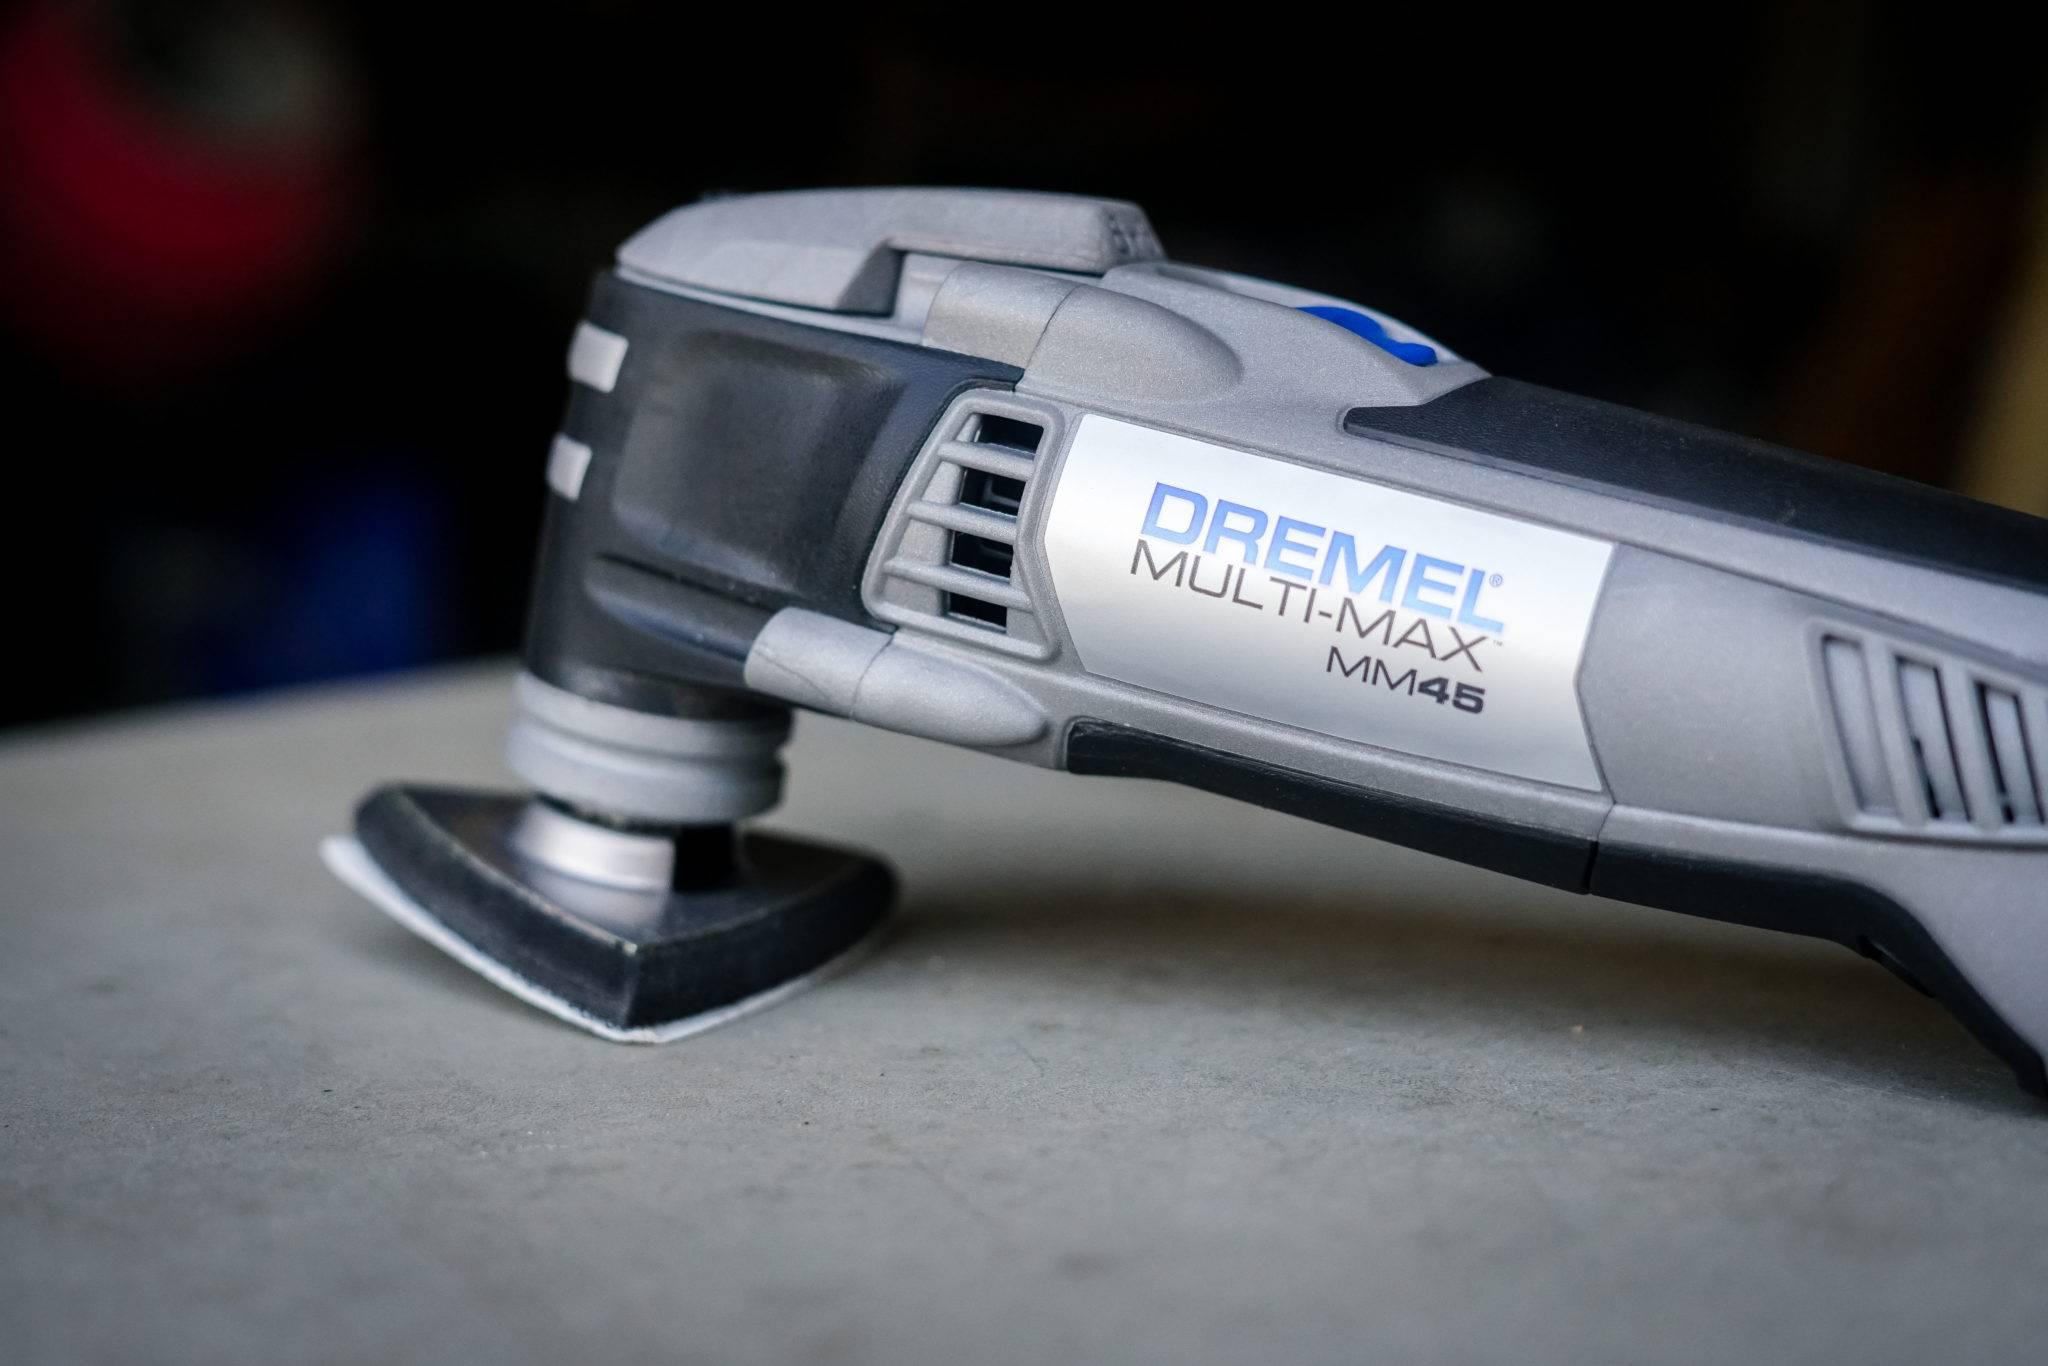 Dremel Multi-Max 5 Amp Variable Speed Corded Oscillating Multi-Tool Kit